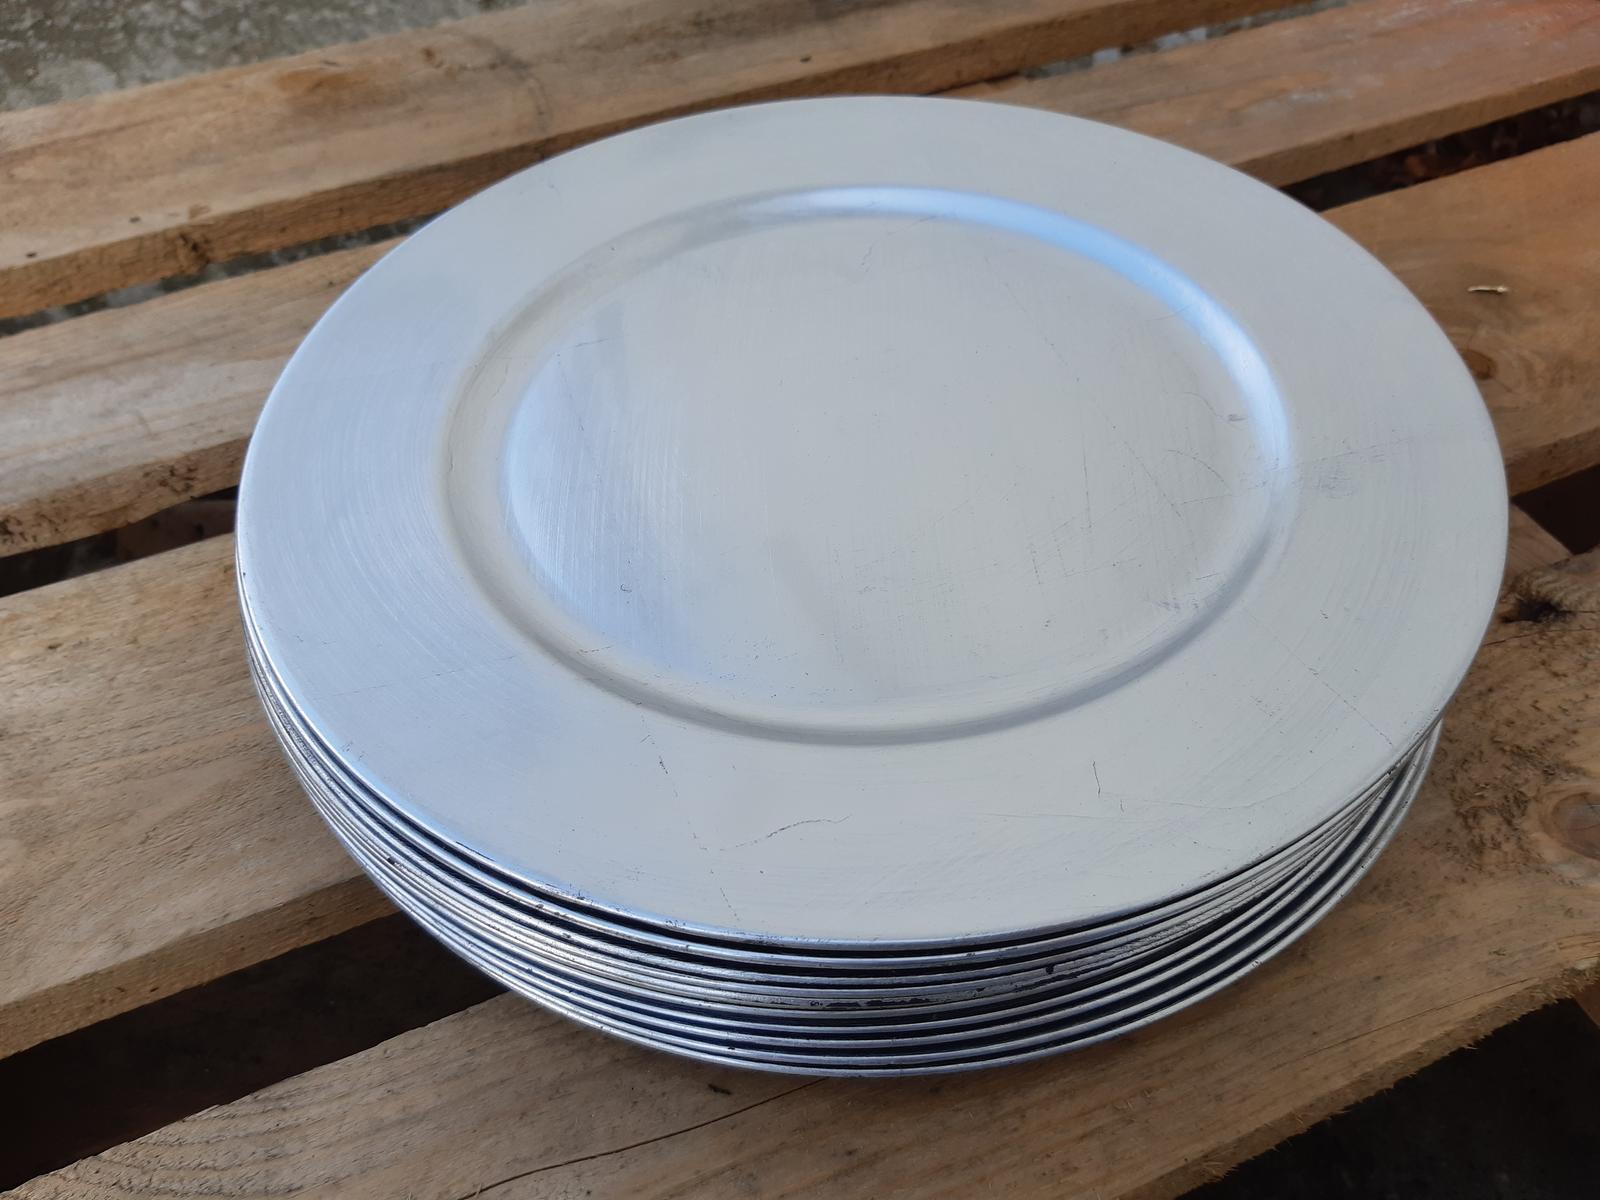 Strieborné lesklé dekoračné taniere - Obrázok č. 1